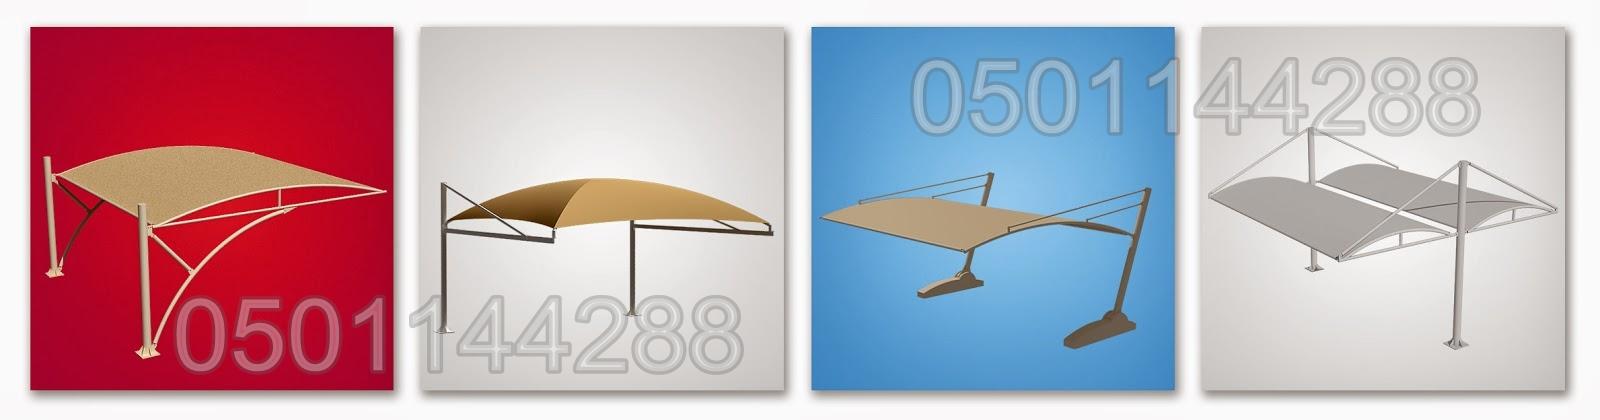 http://umbrellas-w-berms.com/Fabricawnings/1.jpg